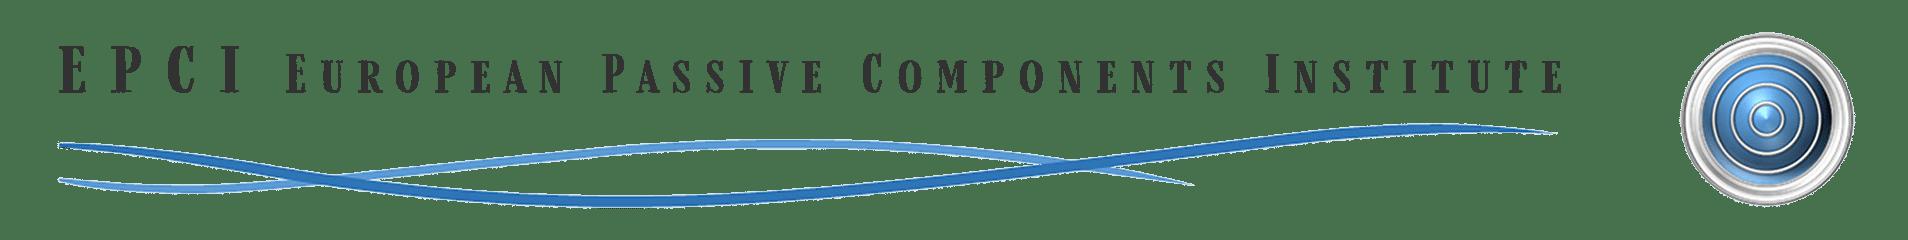 European Passive Components Institute